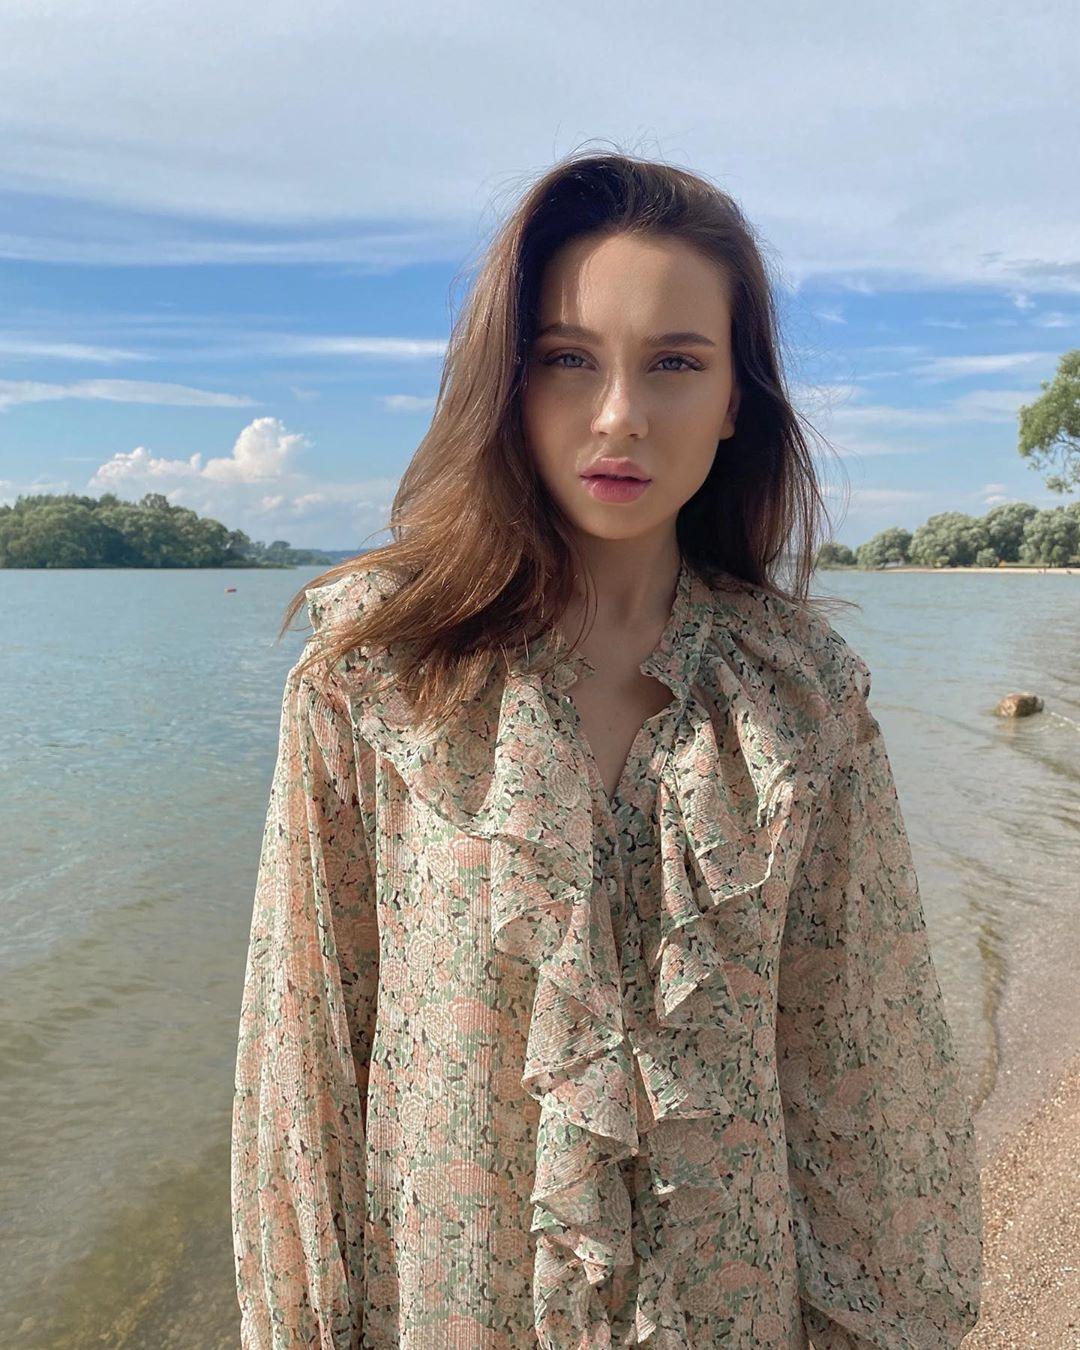 Юля Годунова выпустила летнюю песню и клип «Африка»